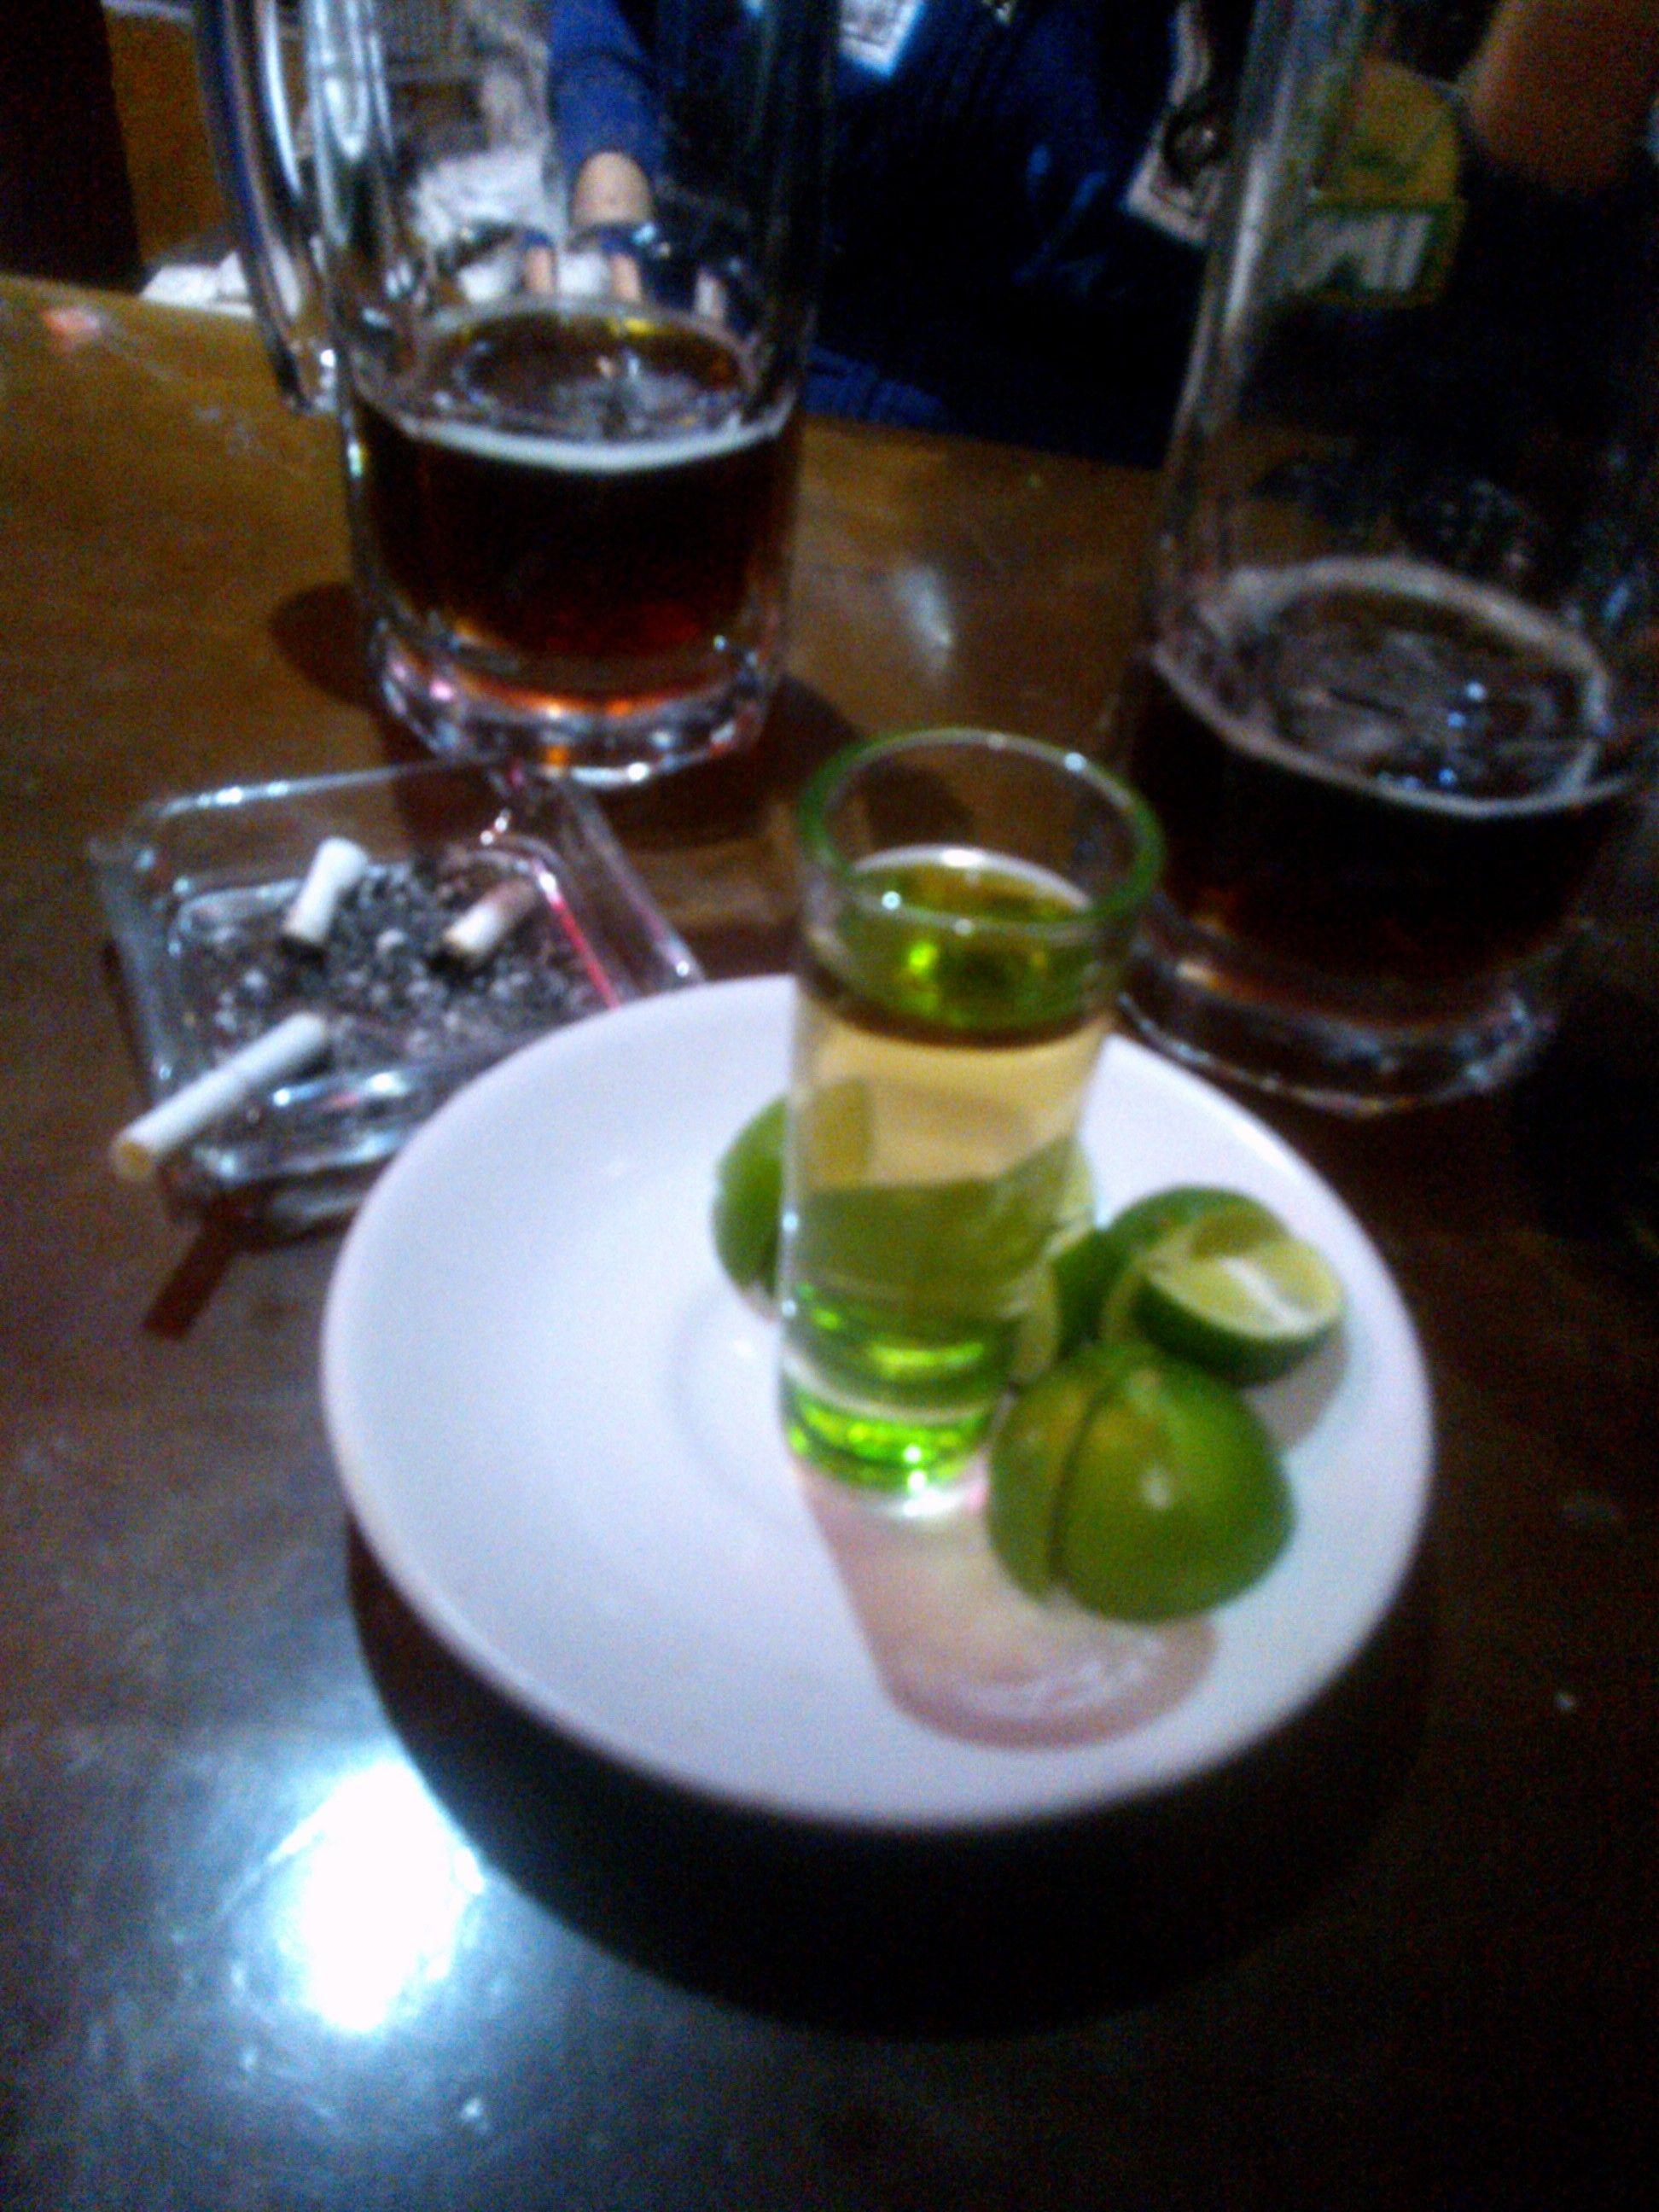 #gripe #tequila  #sanacion